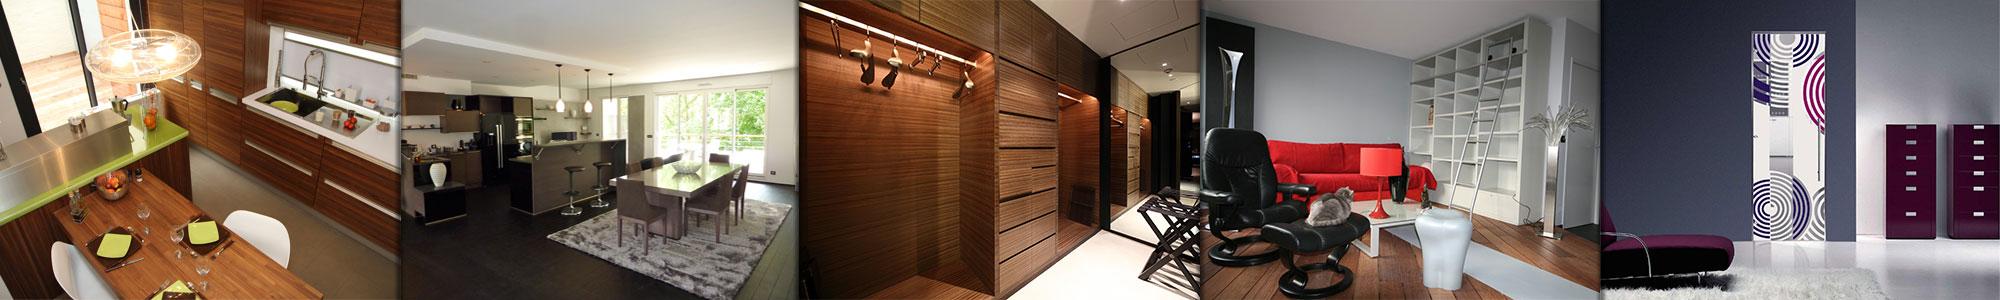 Oniris conception et réalisation de salles de bains à boulogne bilancourt